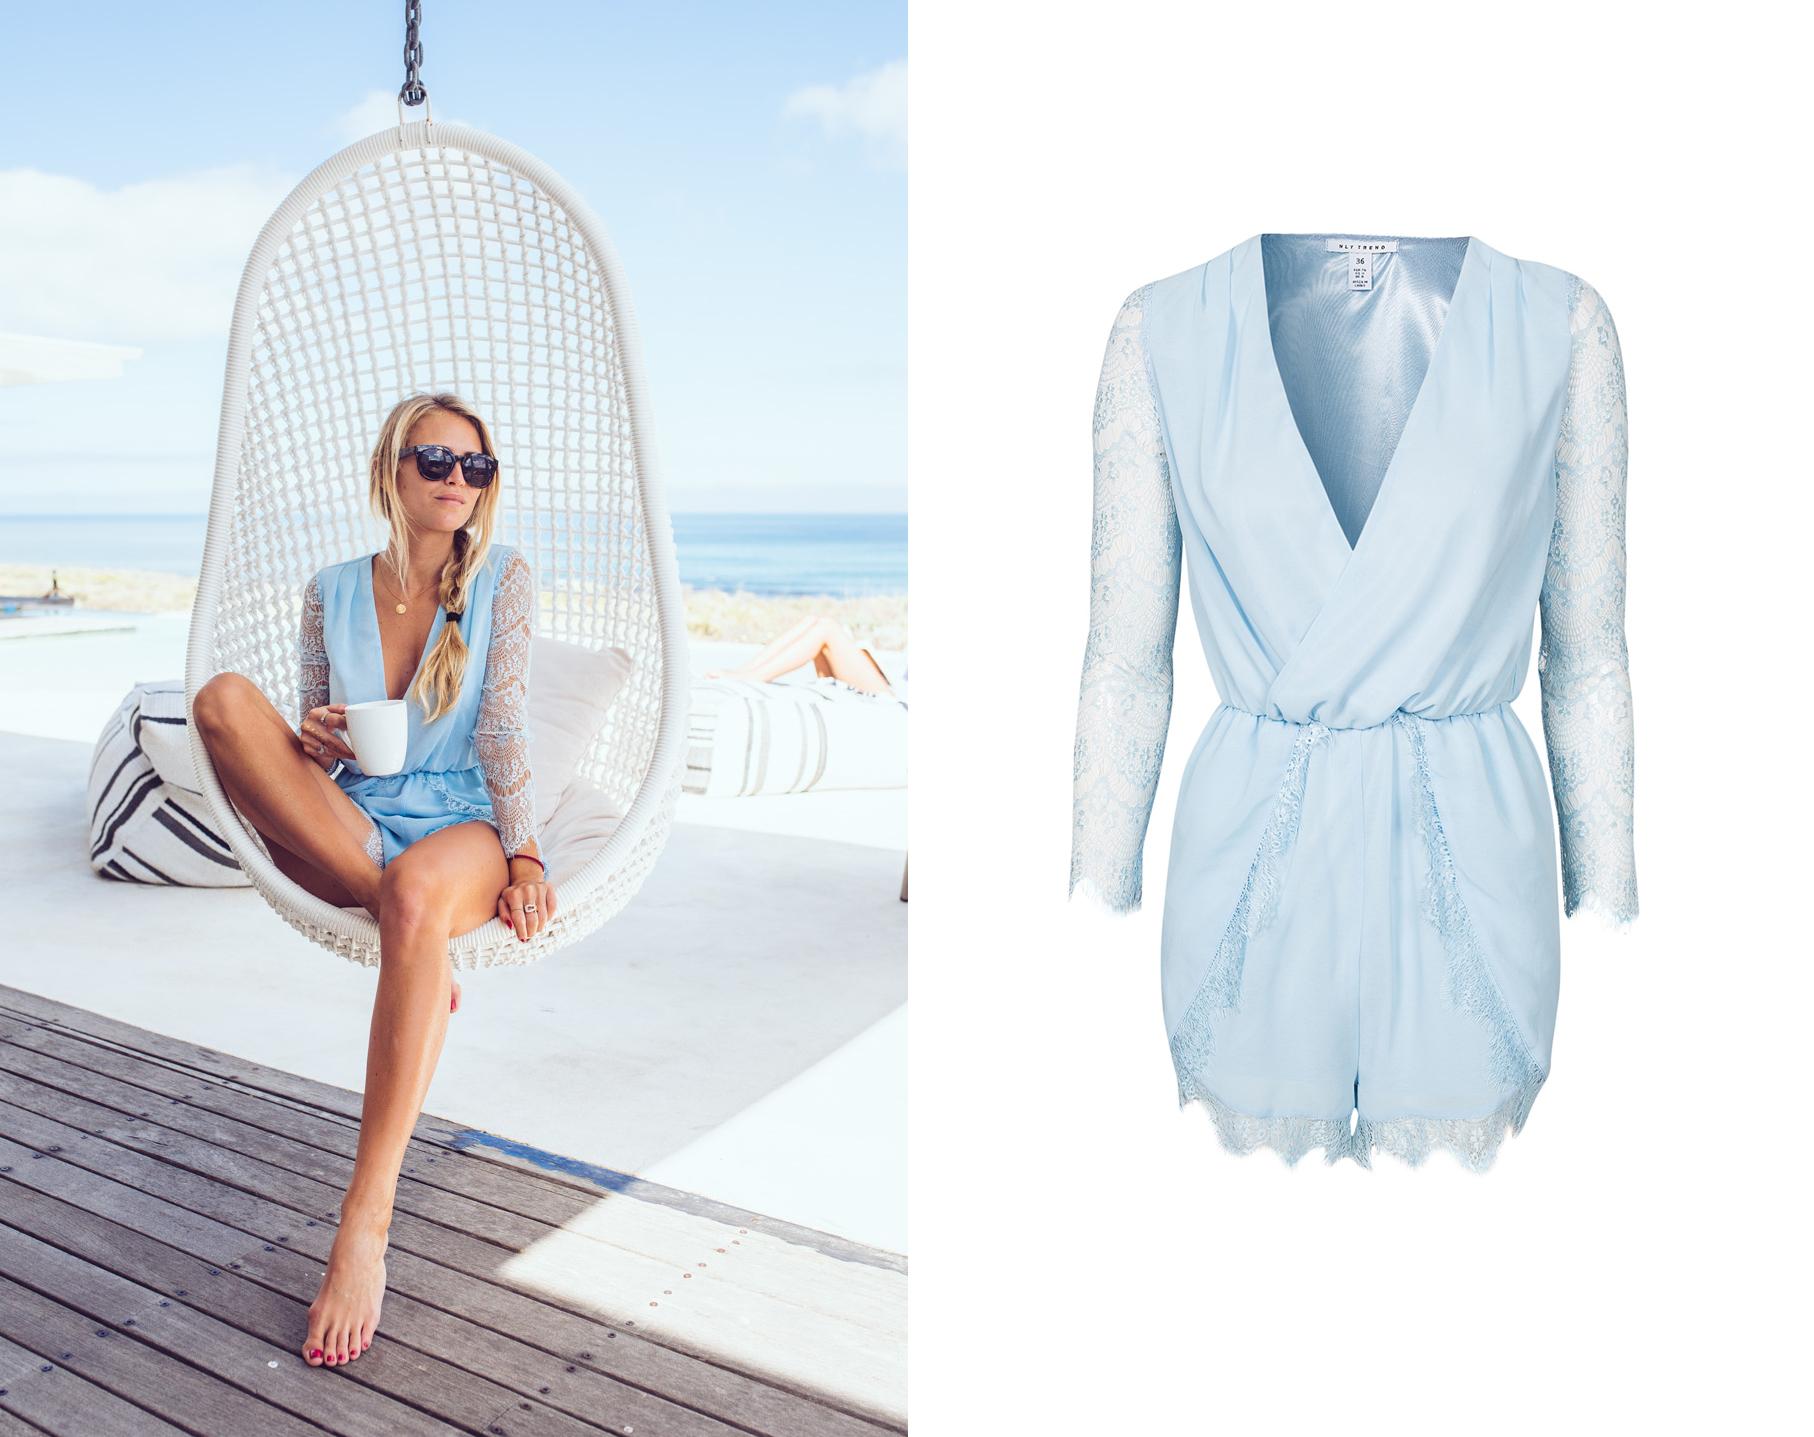 janni-deler-jumpsuit-nellycom-blueDSC_0962